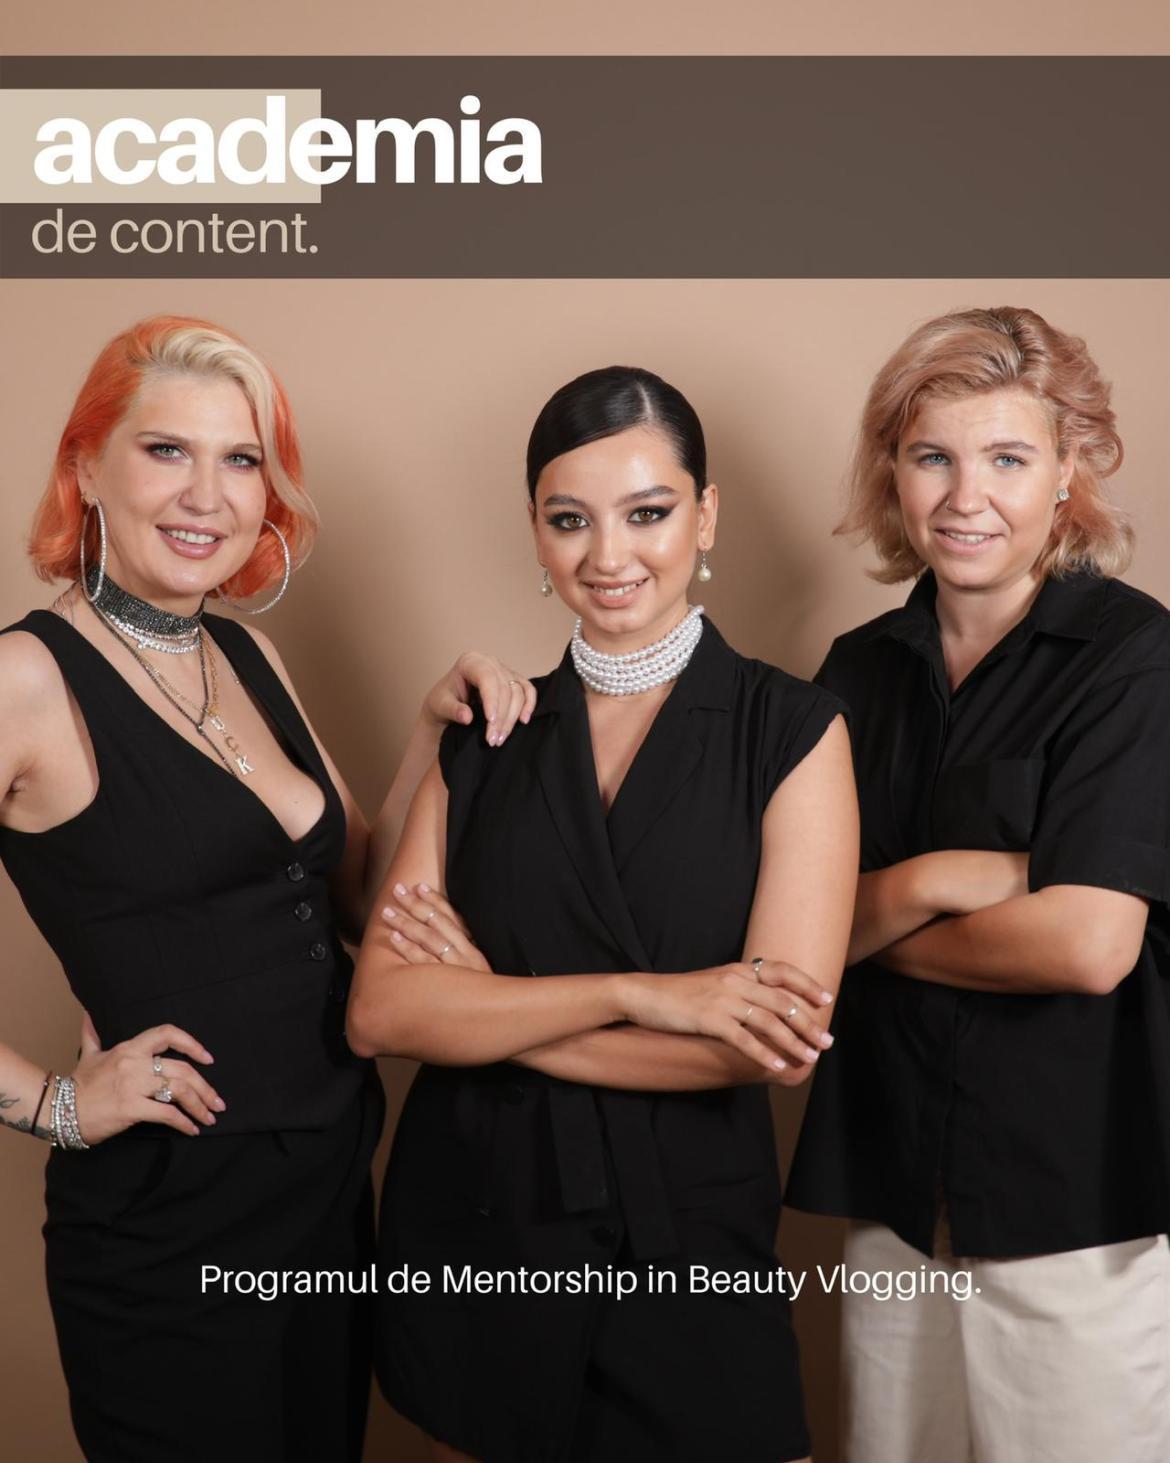 Vrei să faci o carieră în beauty vlogging? Înscrie-te la ACADEMIA DE CONTENT